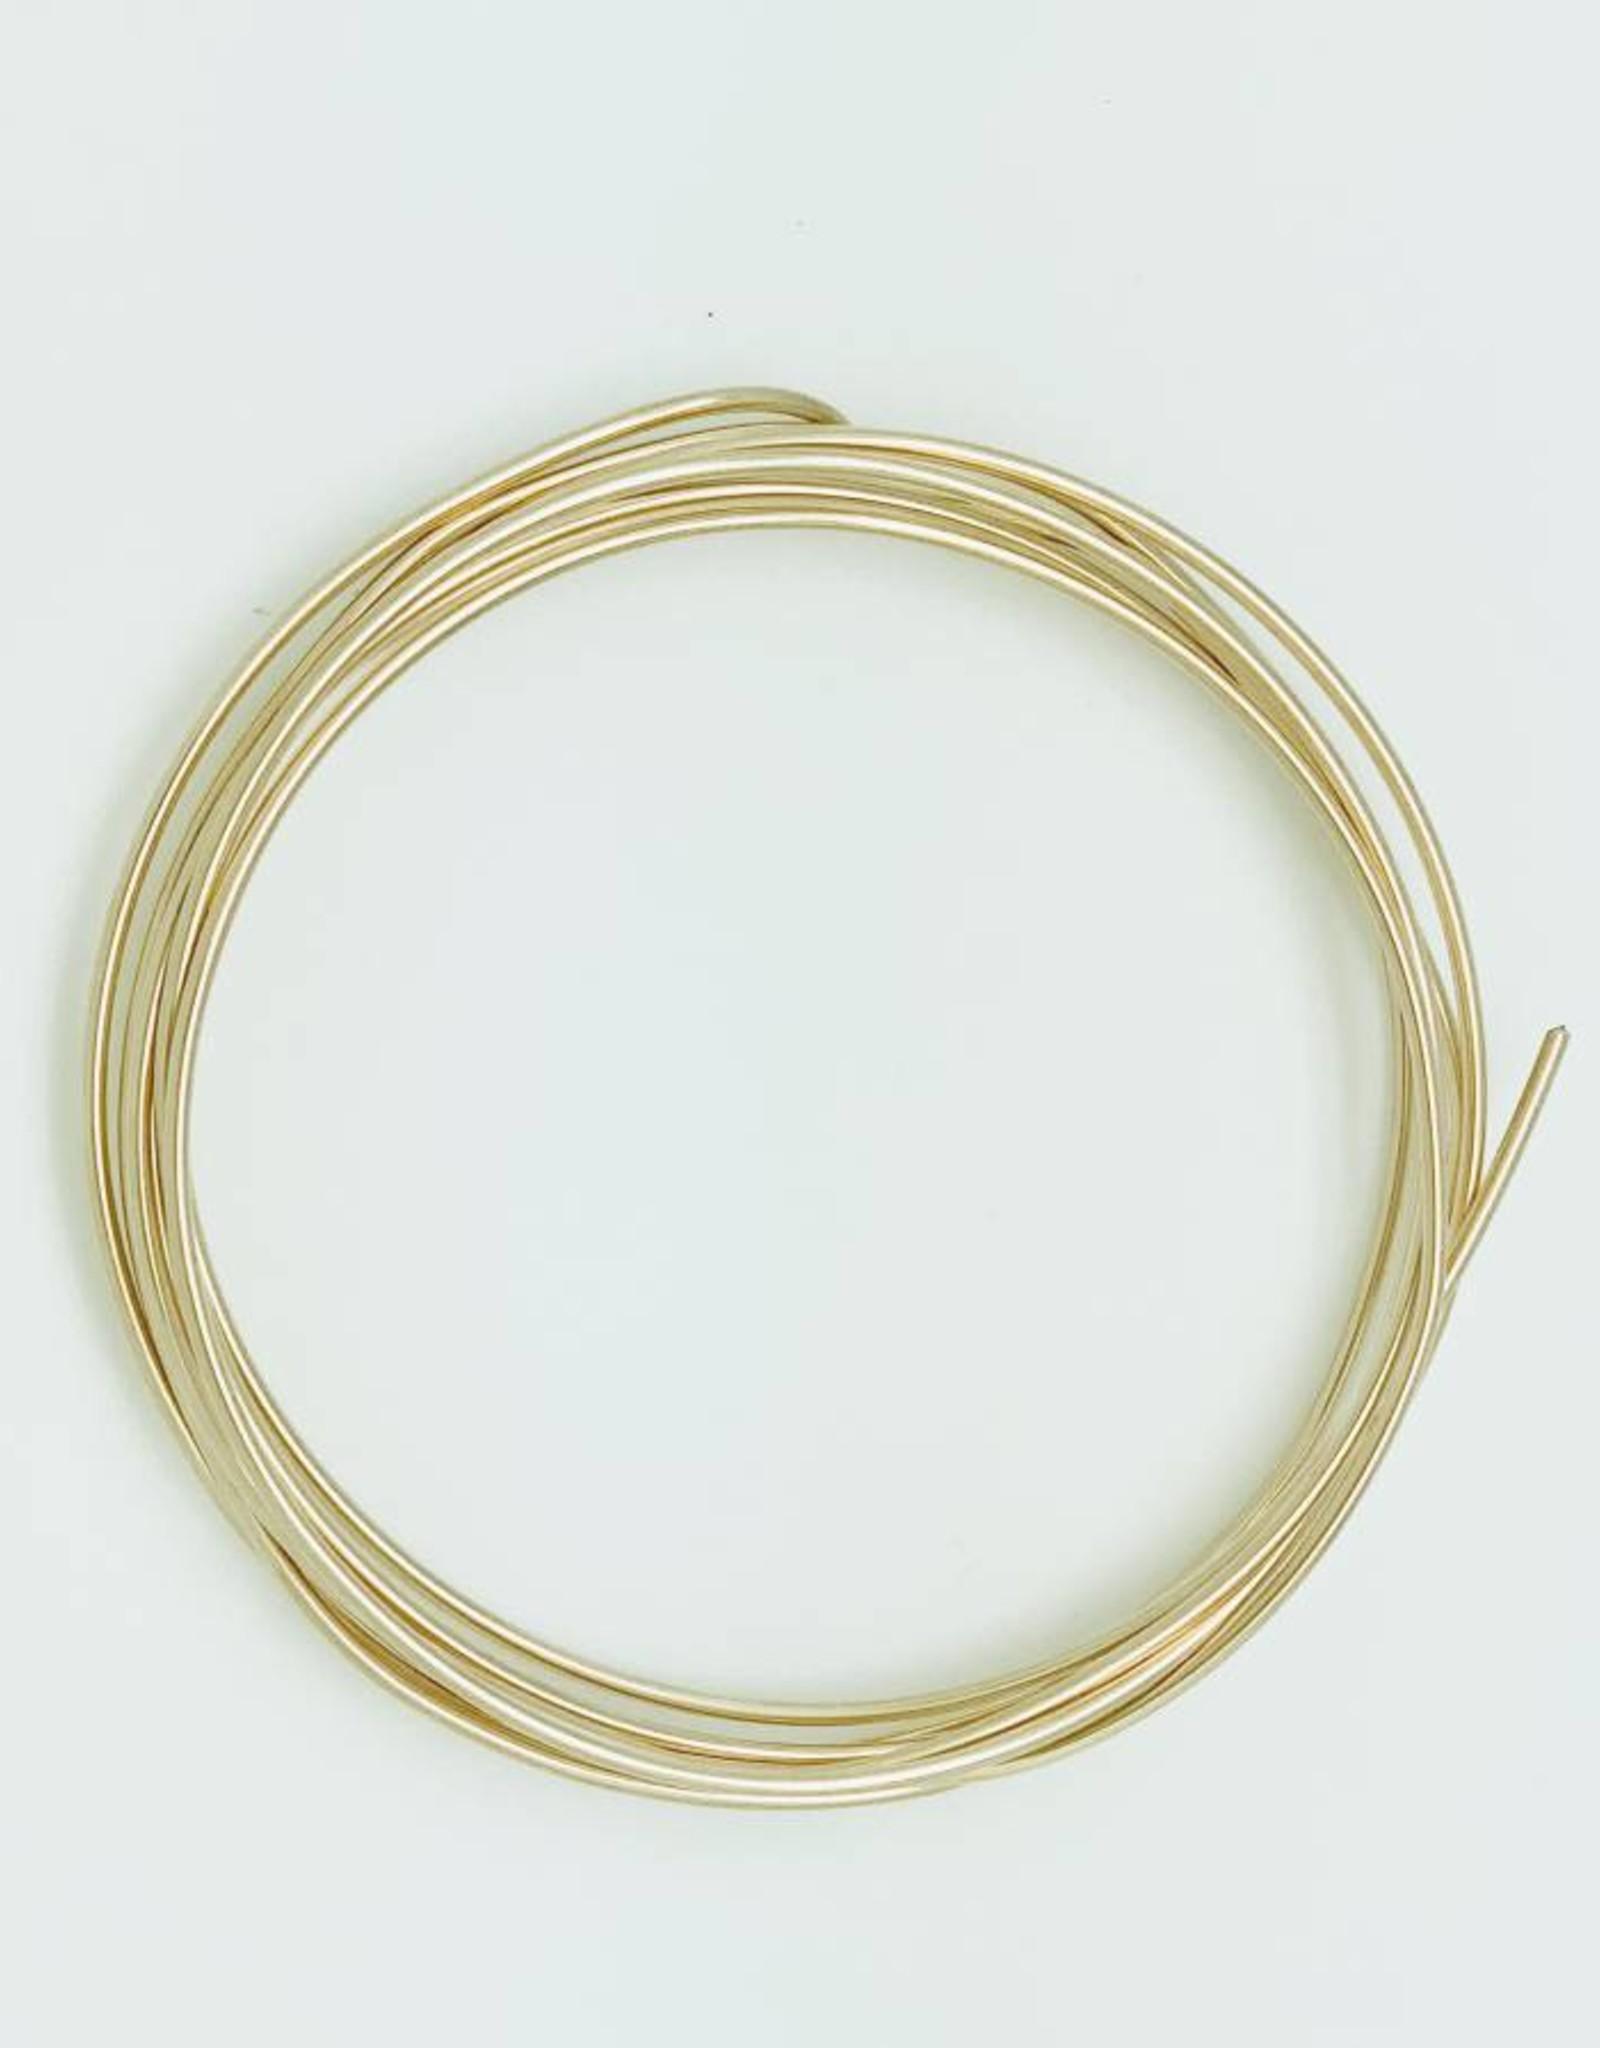 14ga Gold Filled Round Wire 1 oz